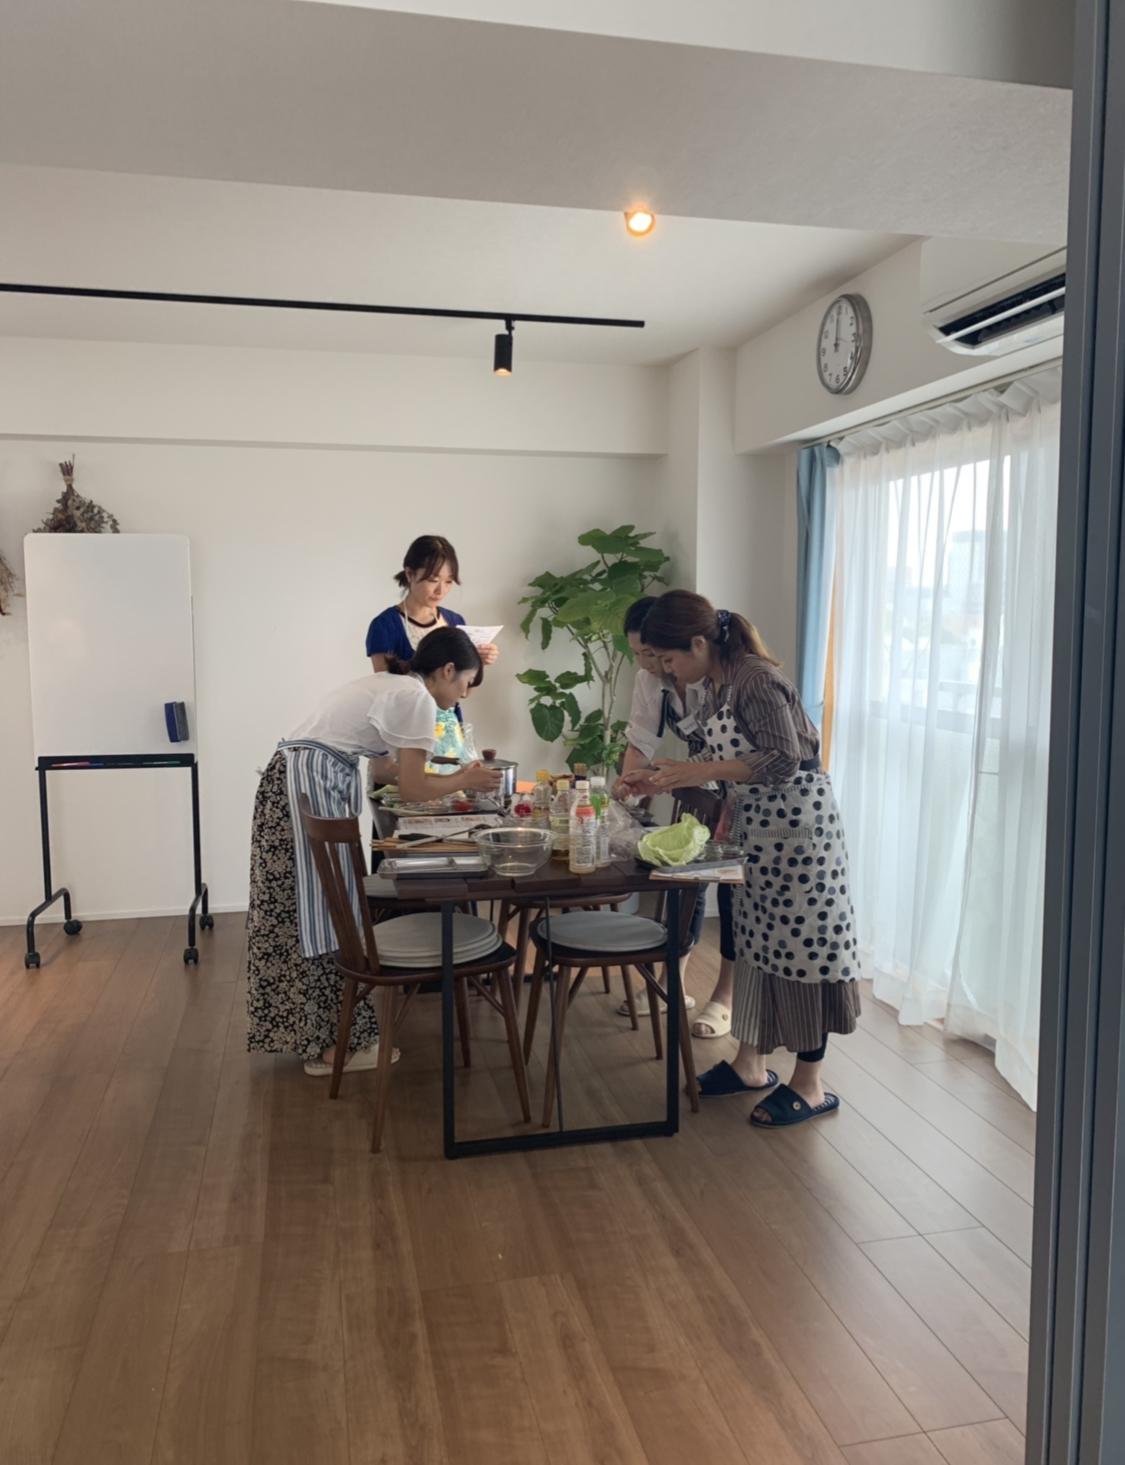 【第3期プロフェッショナル料理講師育成講座】高齢者教室編;よりわかりやすく役に立つ教室ができる講師に